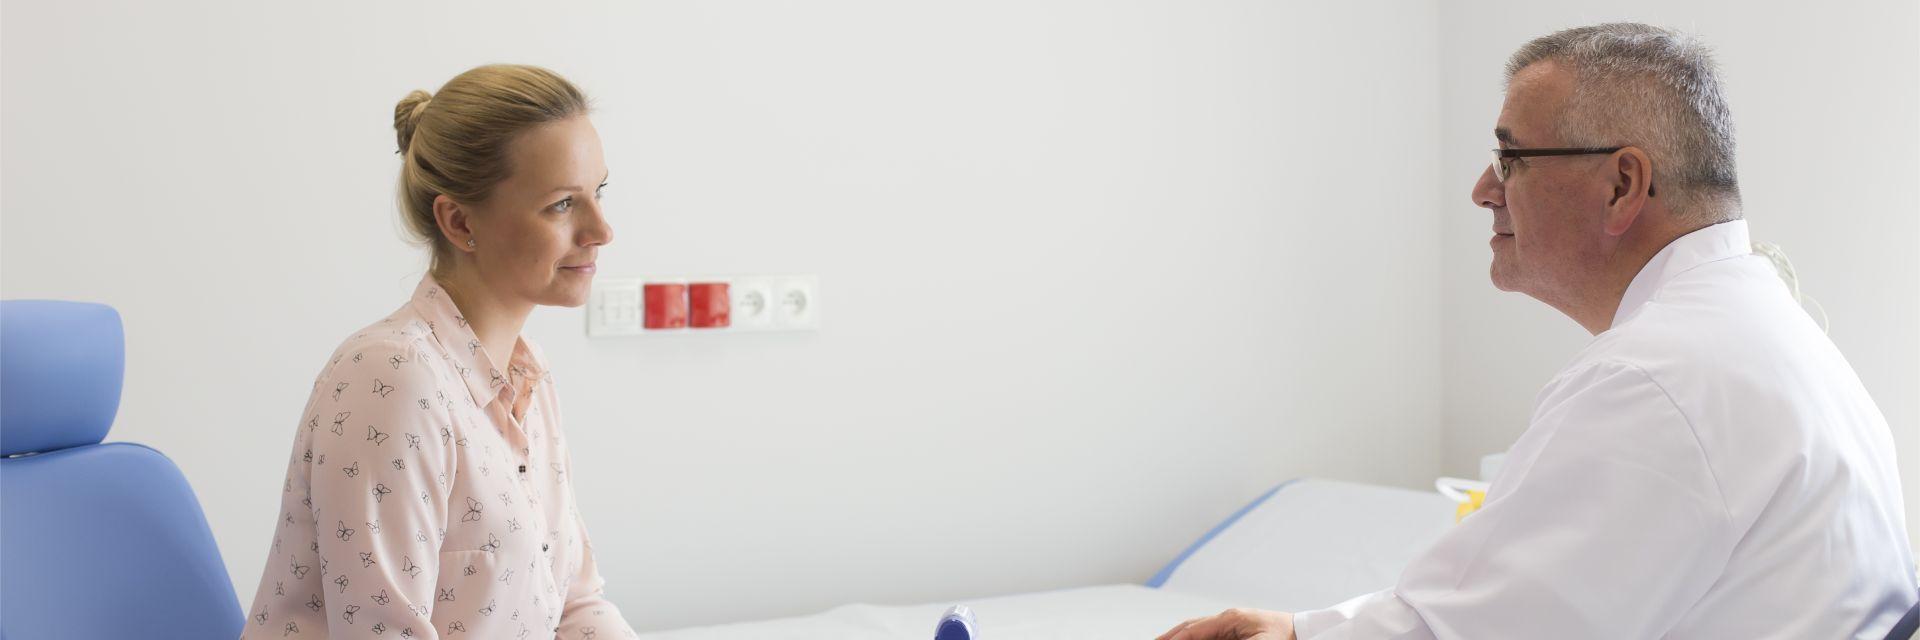 Banner-praca-lekarze